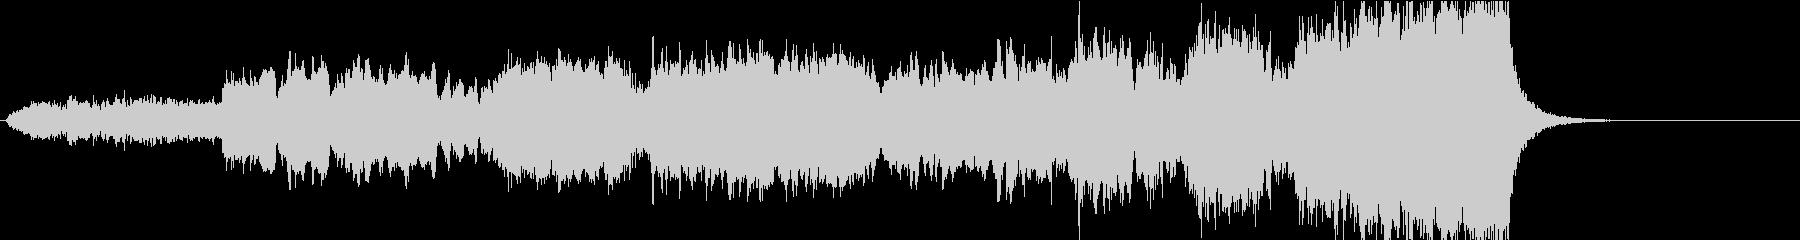 壮大なオーケストラジングルフャンフャーレの未再生の波形